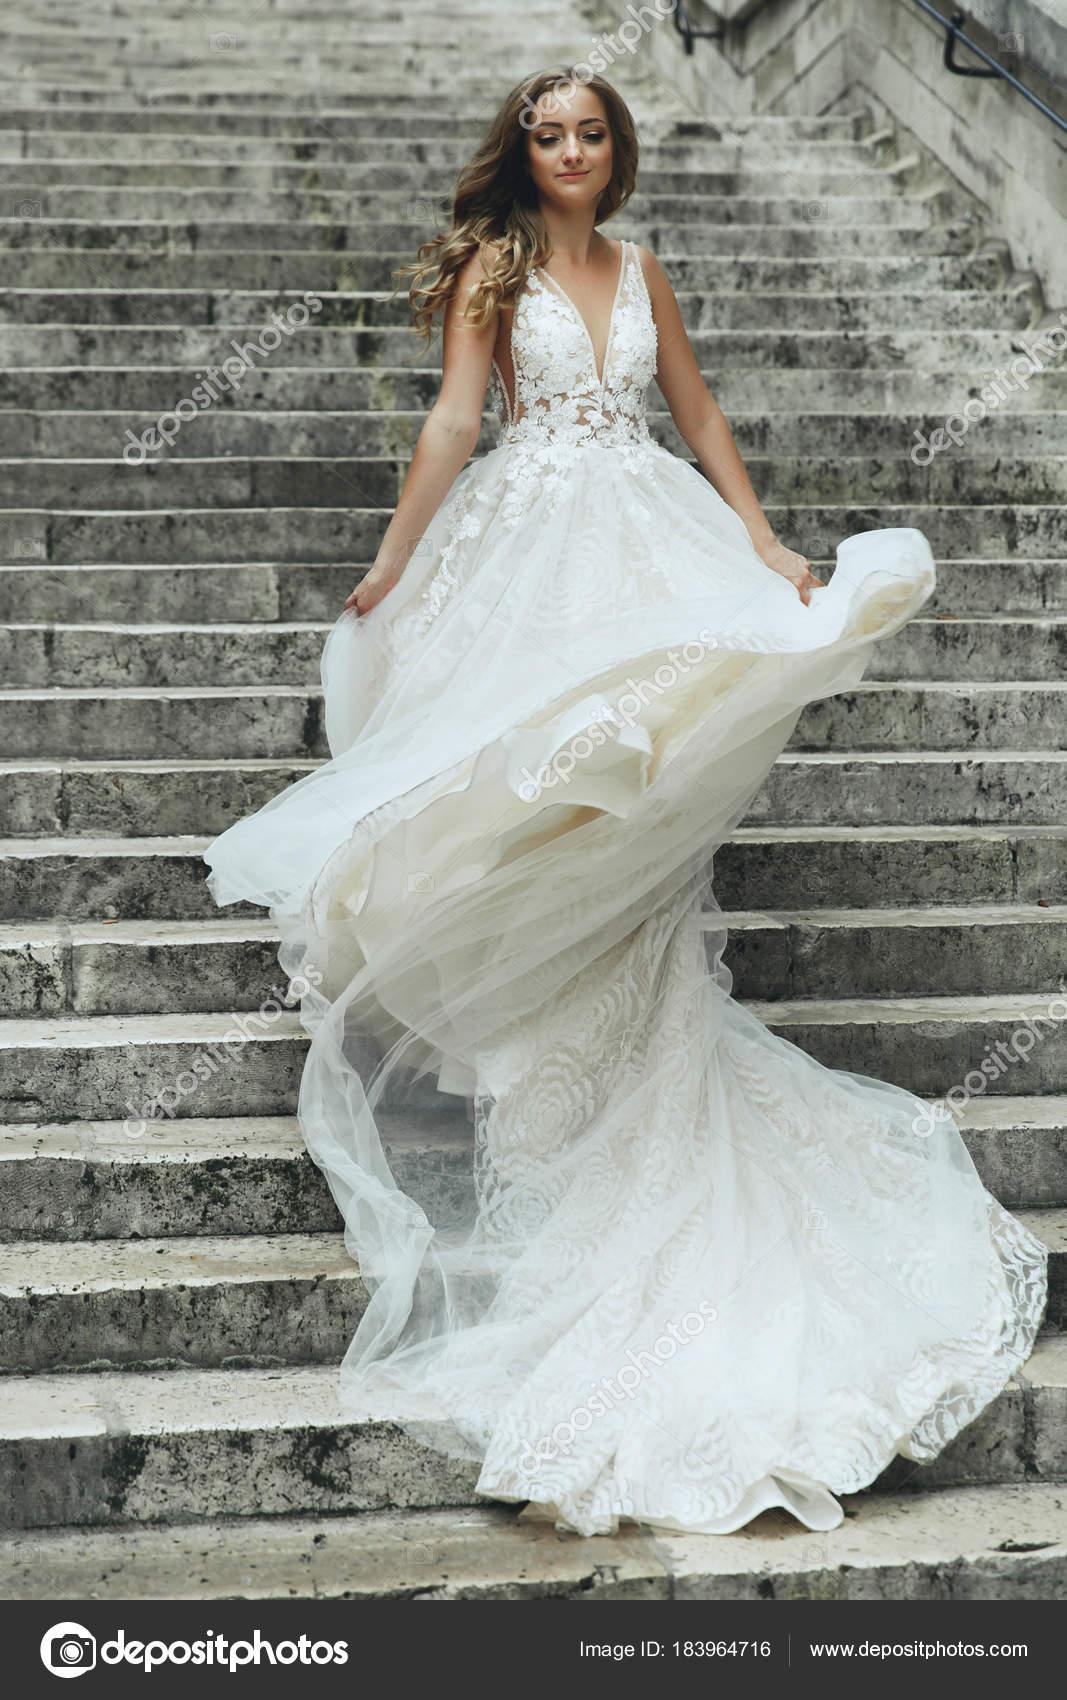 Blonde Bride Luxury Wedding Dress Whirls Footsteps Somewhere Paris ...